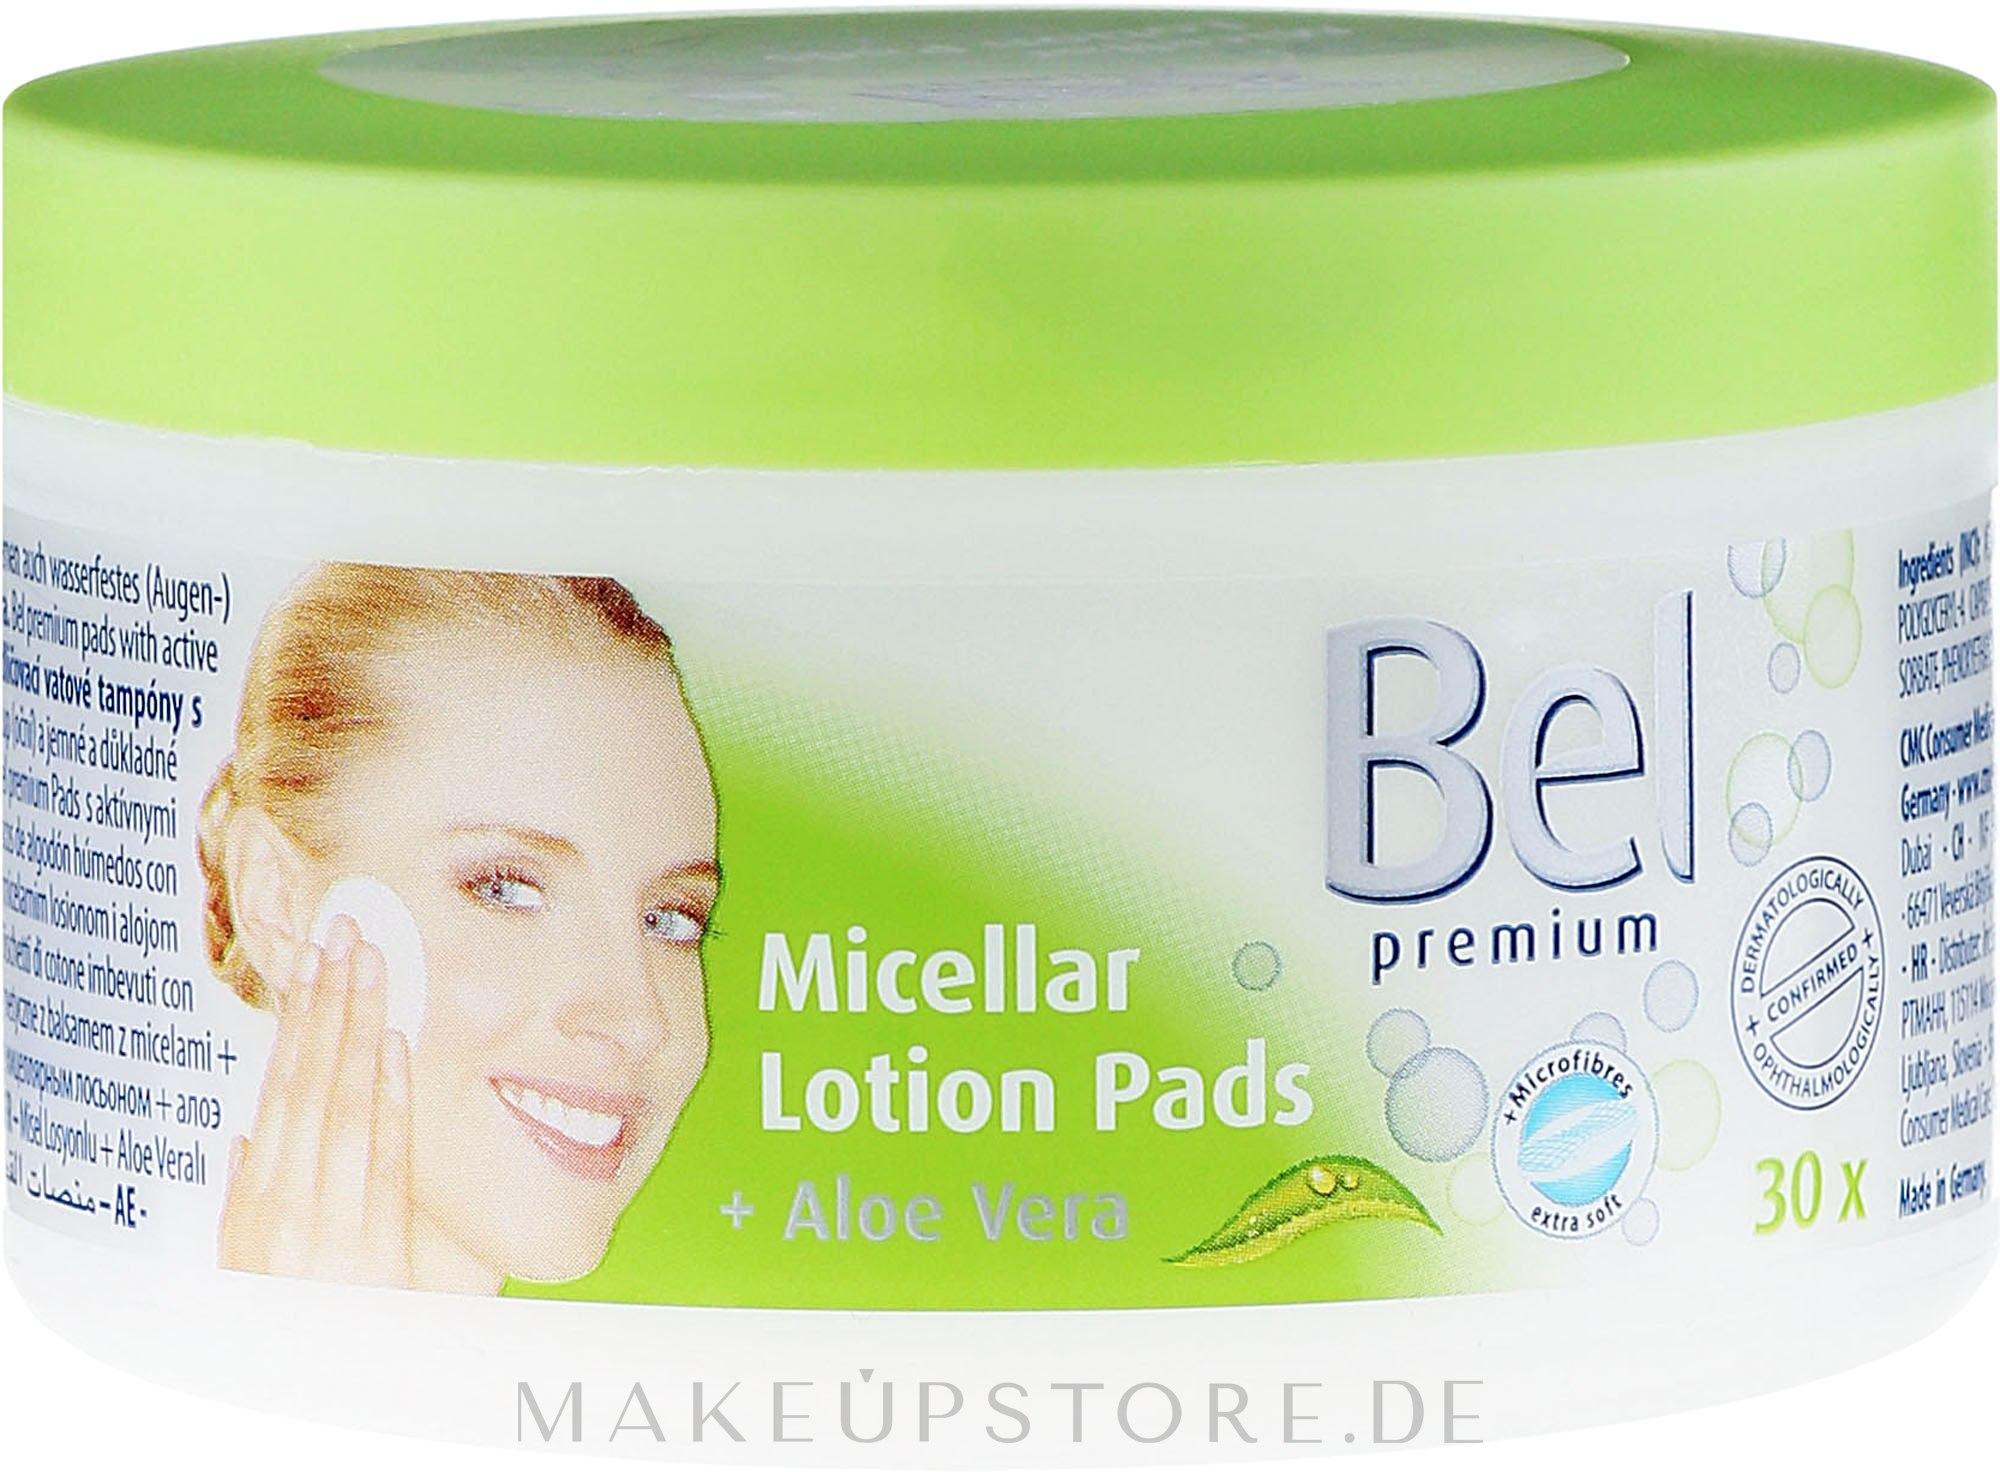 Feuchte Lotion Pads mit Aloe Vera zur Gesichchtsreinigung und Make-up - Bel Premium Lotion Pads with Aloe Vera — Bild 30 St..